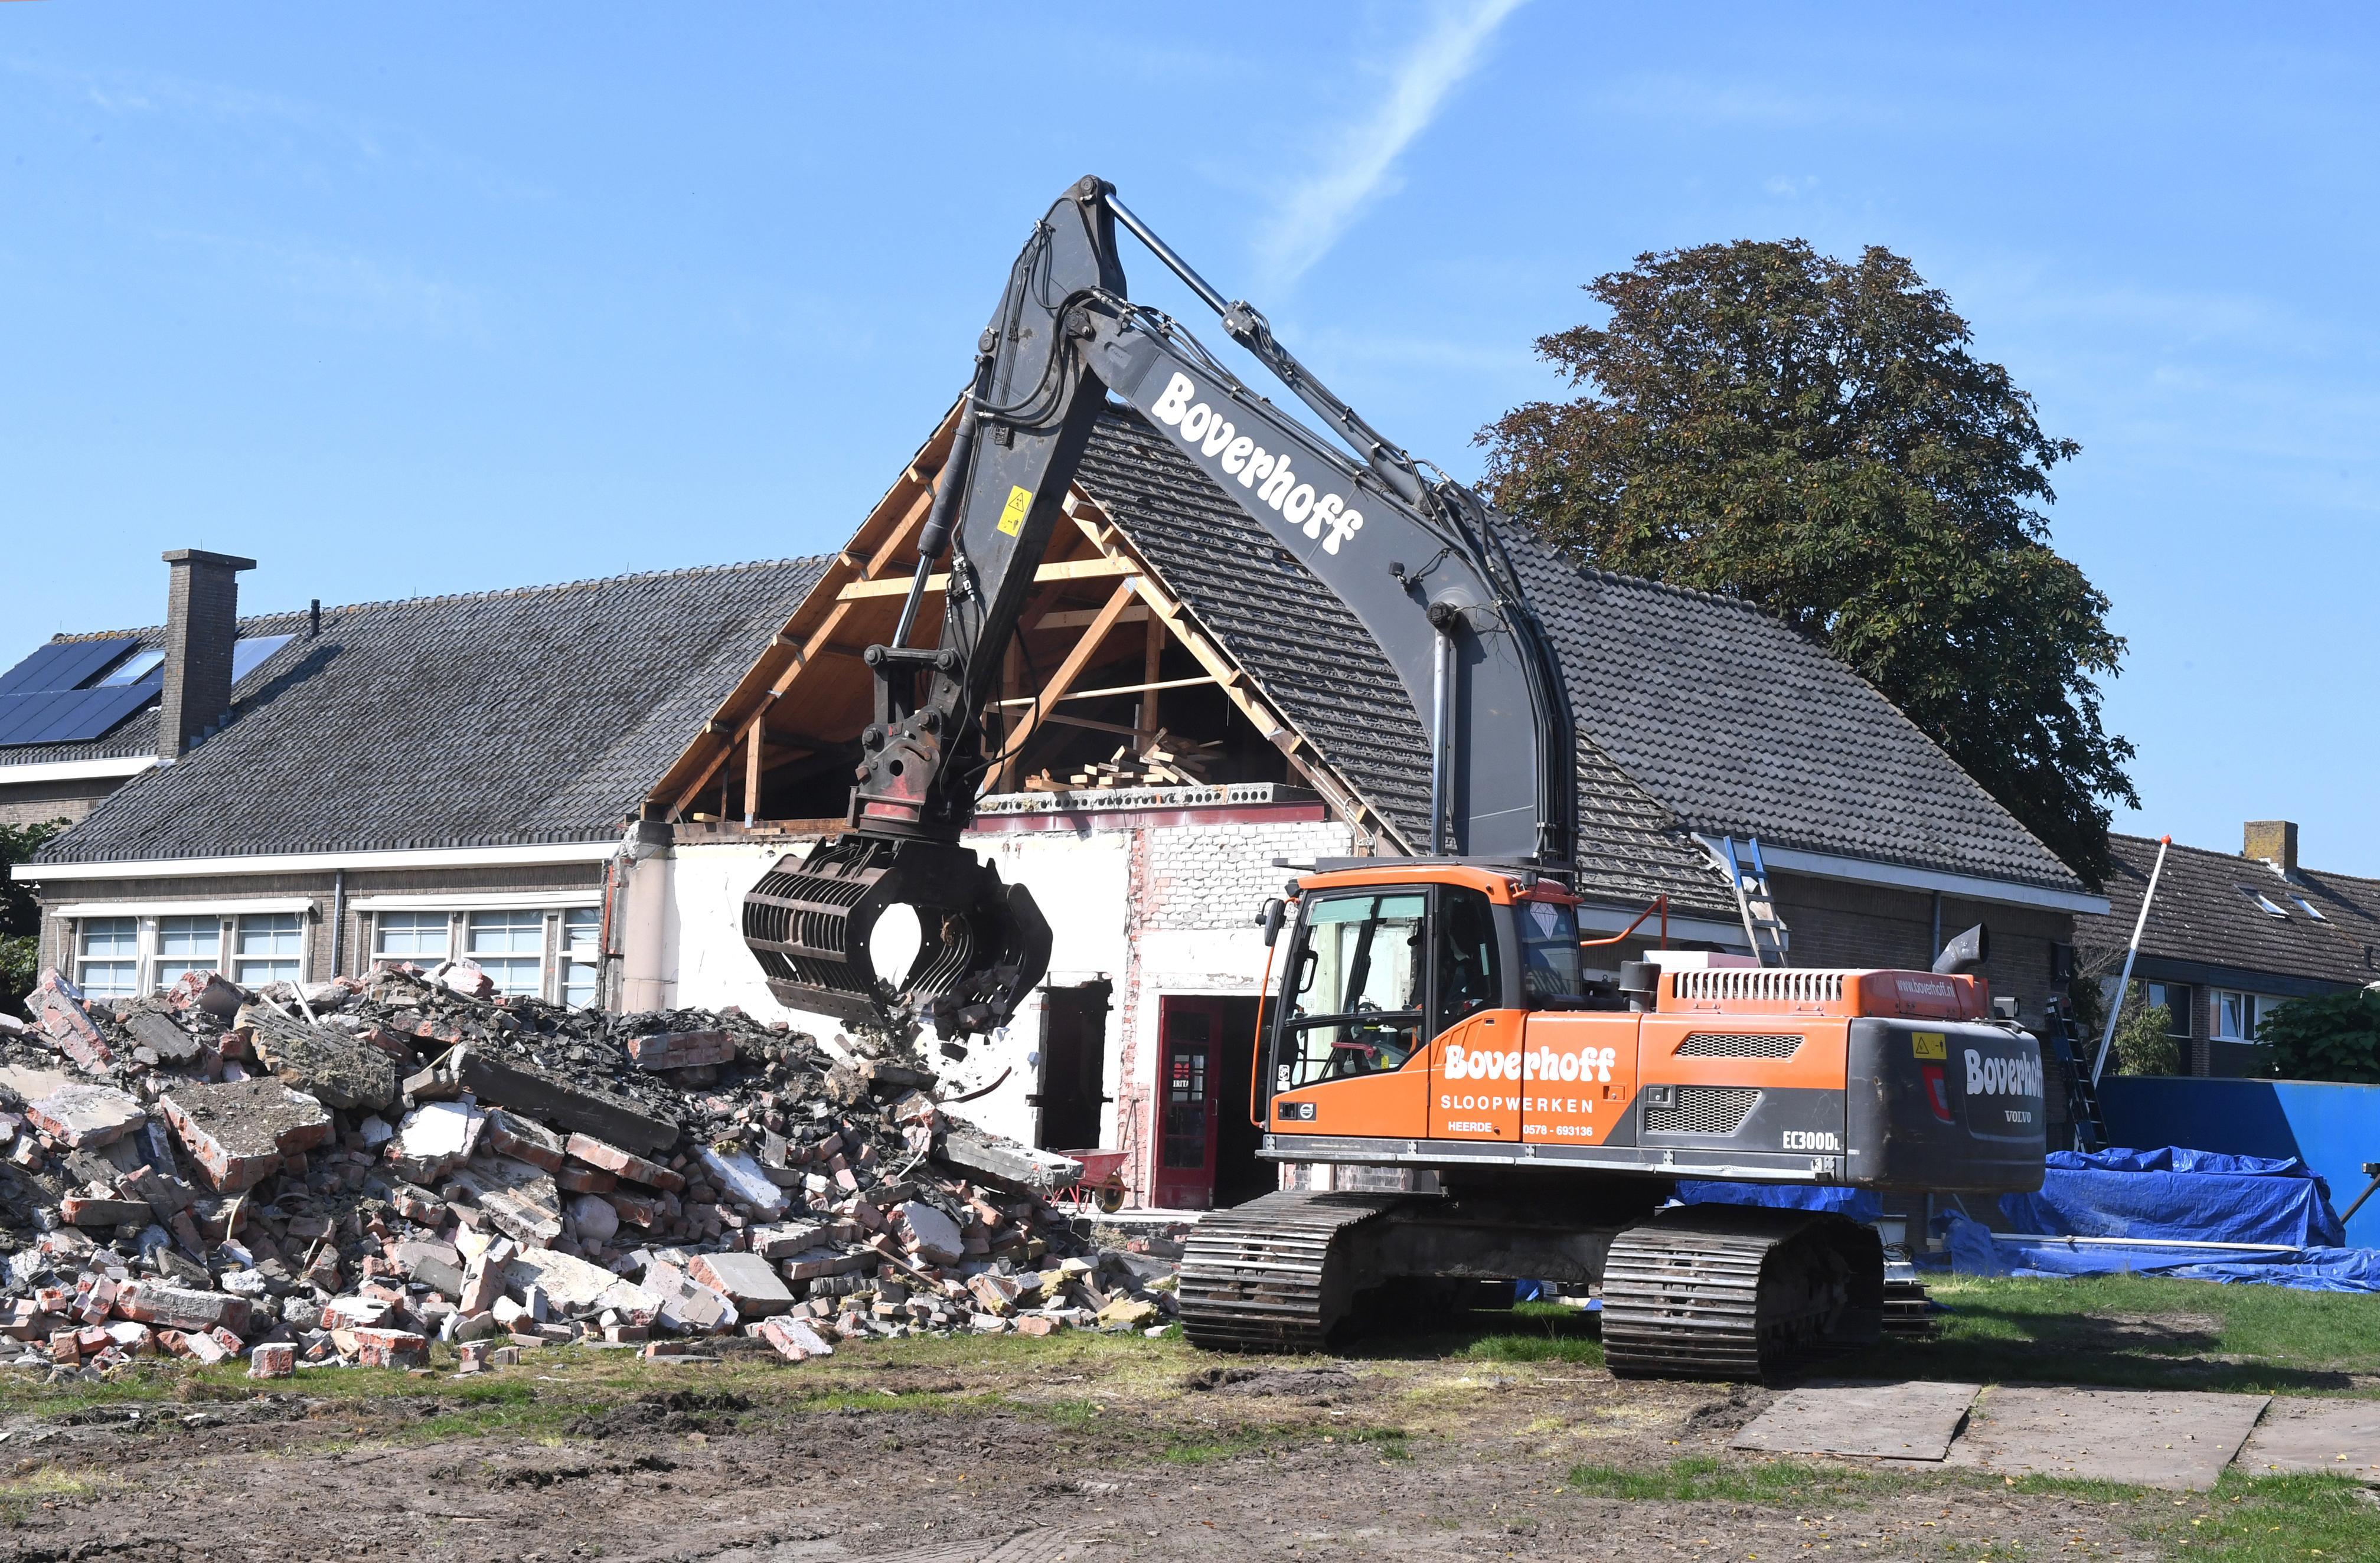 Hollands Kroon moet ruim 41.000 euro neerleggen voor verwijderen van asbest uit schoolgebouw De Kei